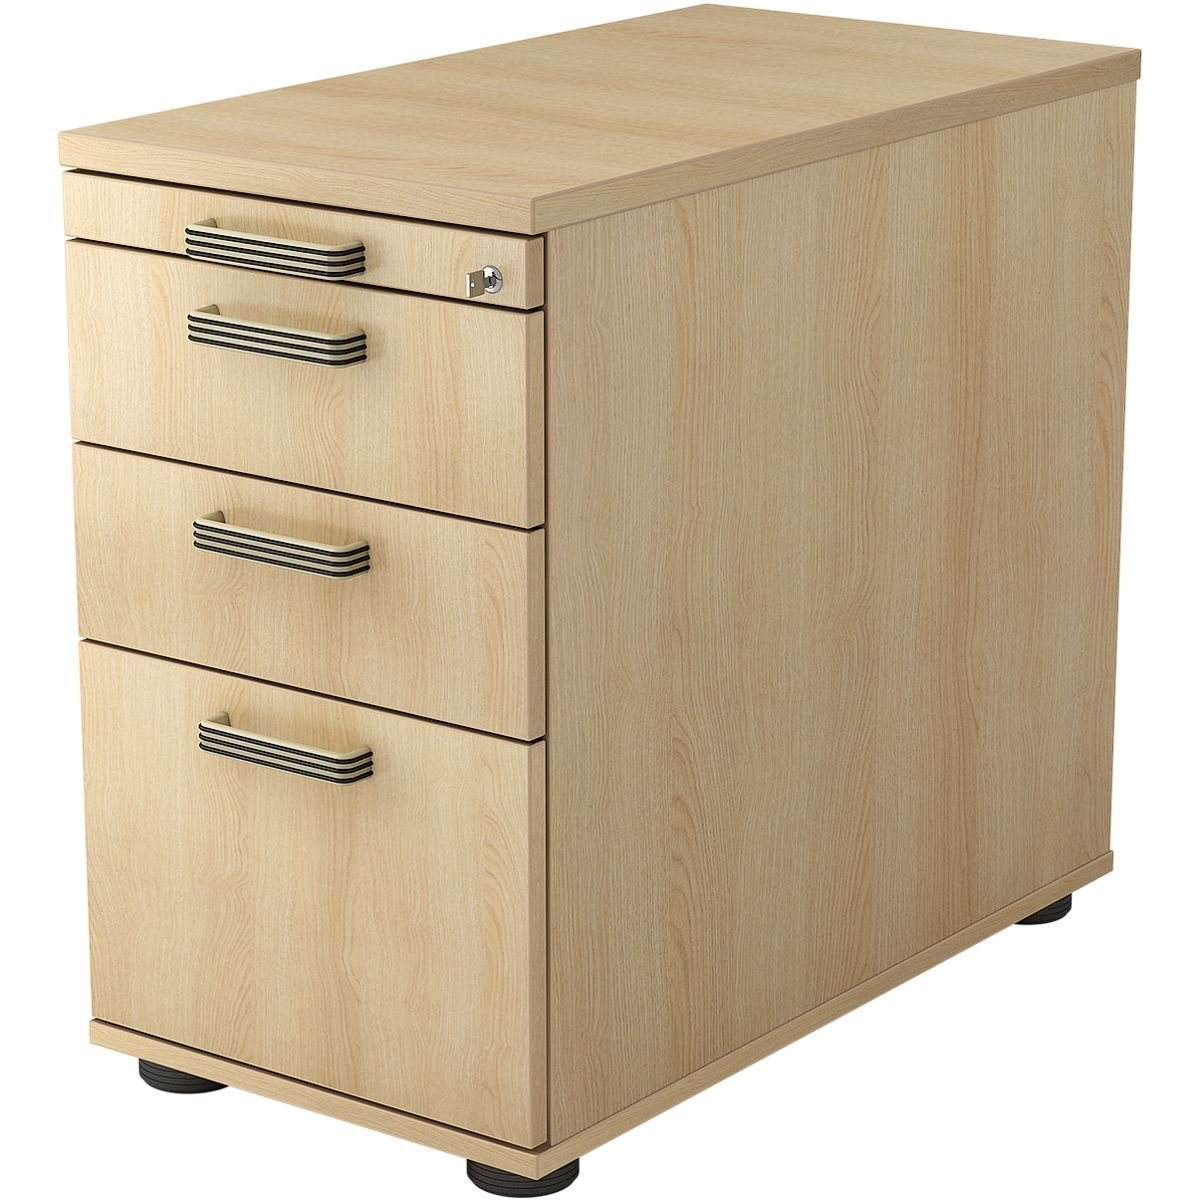 HAMMERBACHER Standcontainer mit Hängeregistratur »R-Line« | Büro > Büroschränke > Container | Abs | HAMMERBACHER